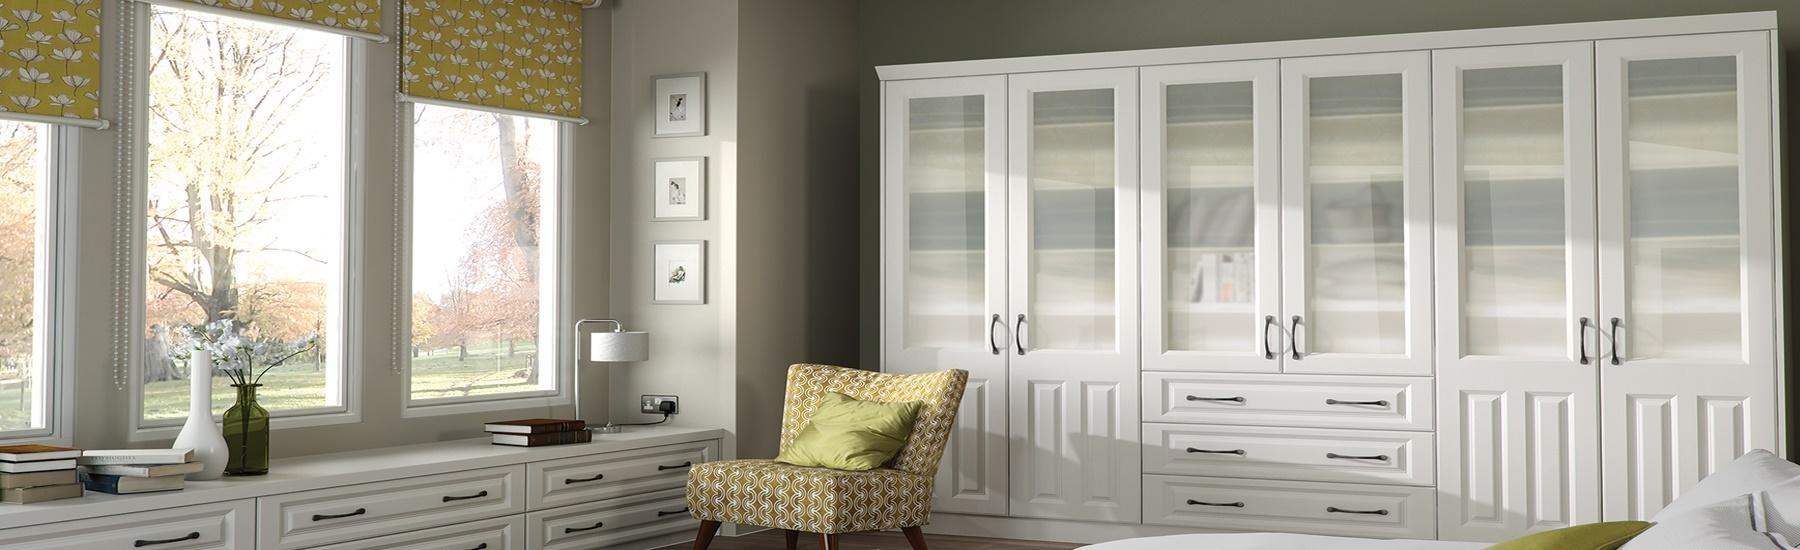 milan0-glazed-door-page